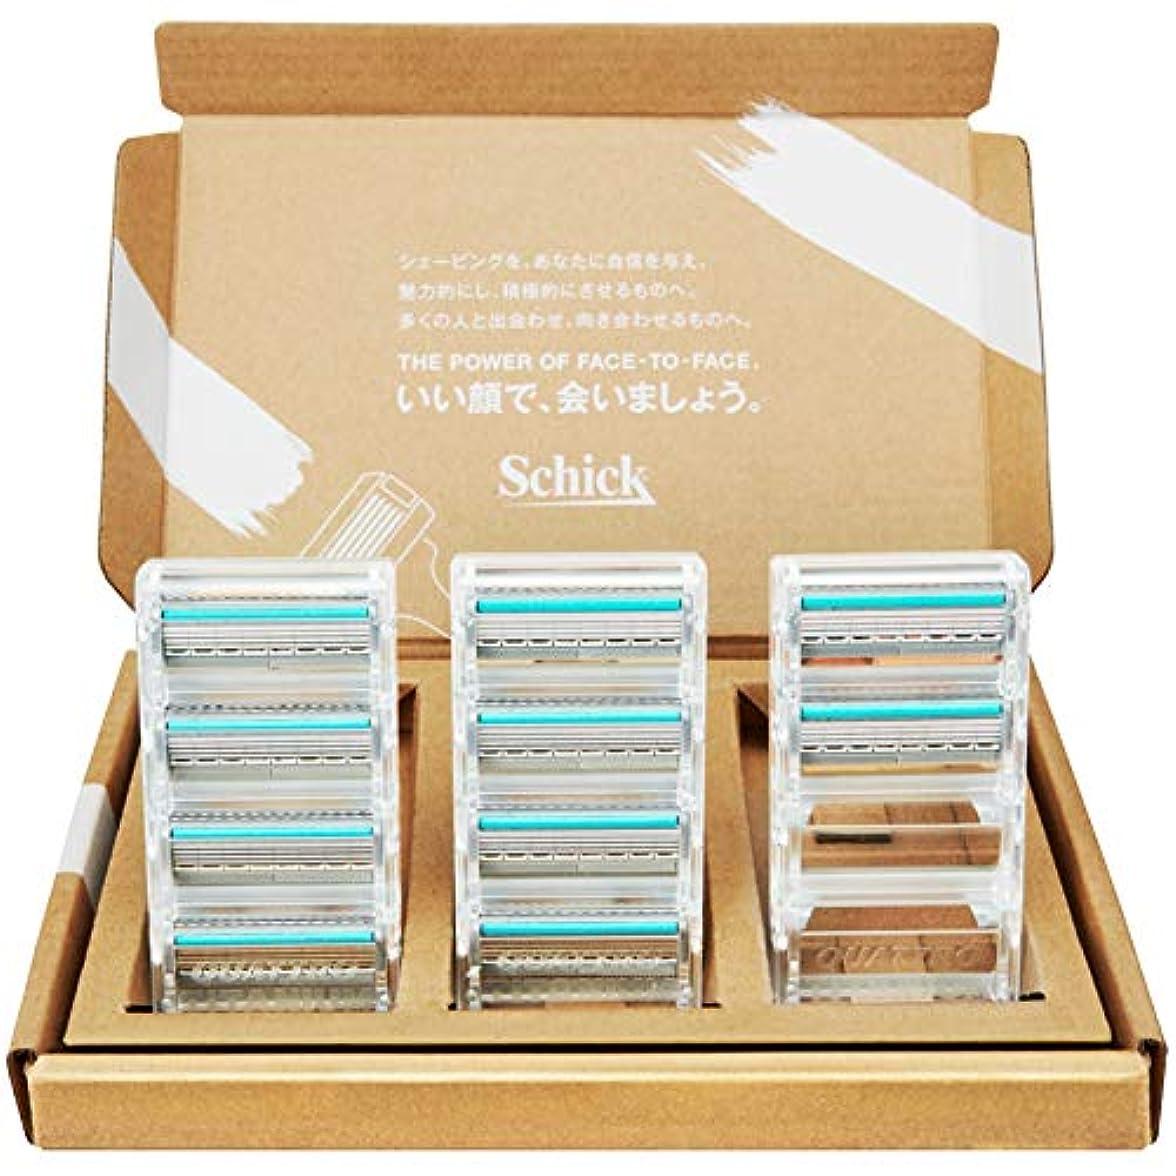 【Amazon.co.jp限定】シック クアトロ4 チタニウム 替刃 (10コ入) カミソリ 髭剃り 4枚刃